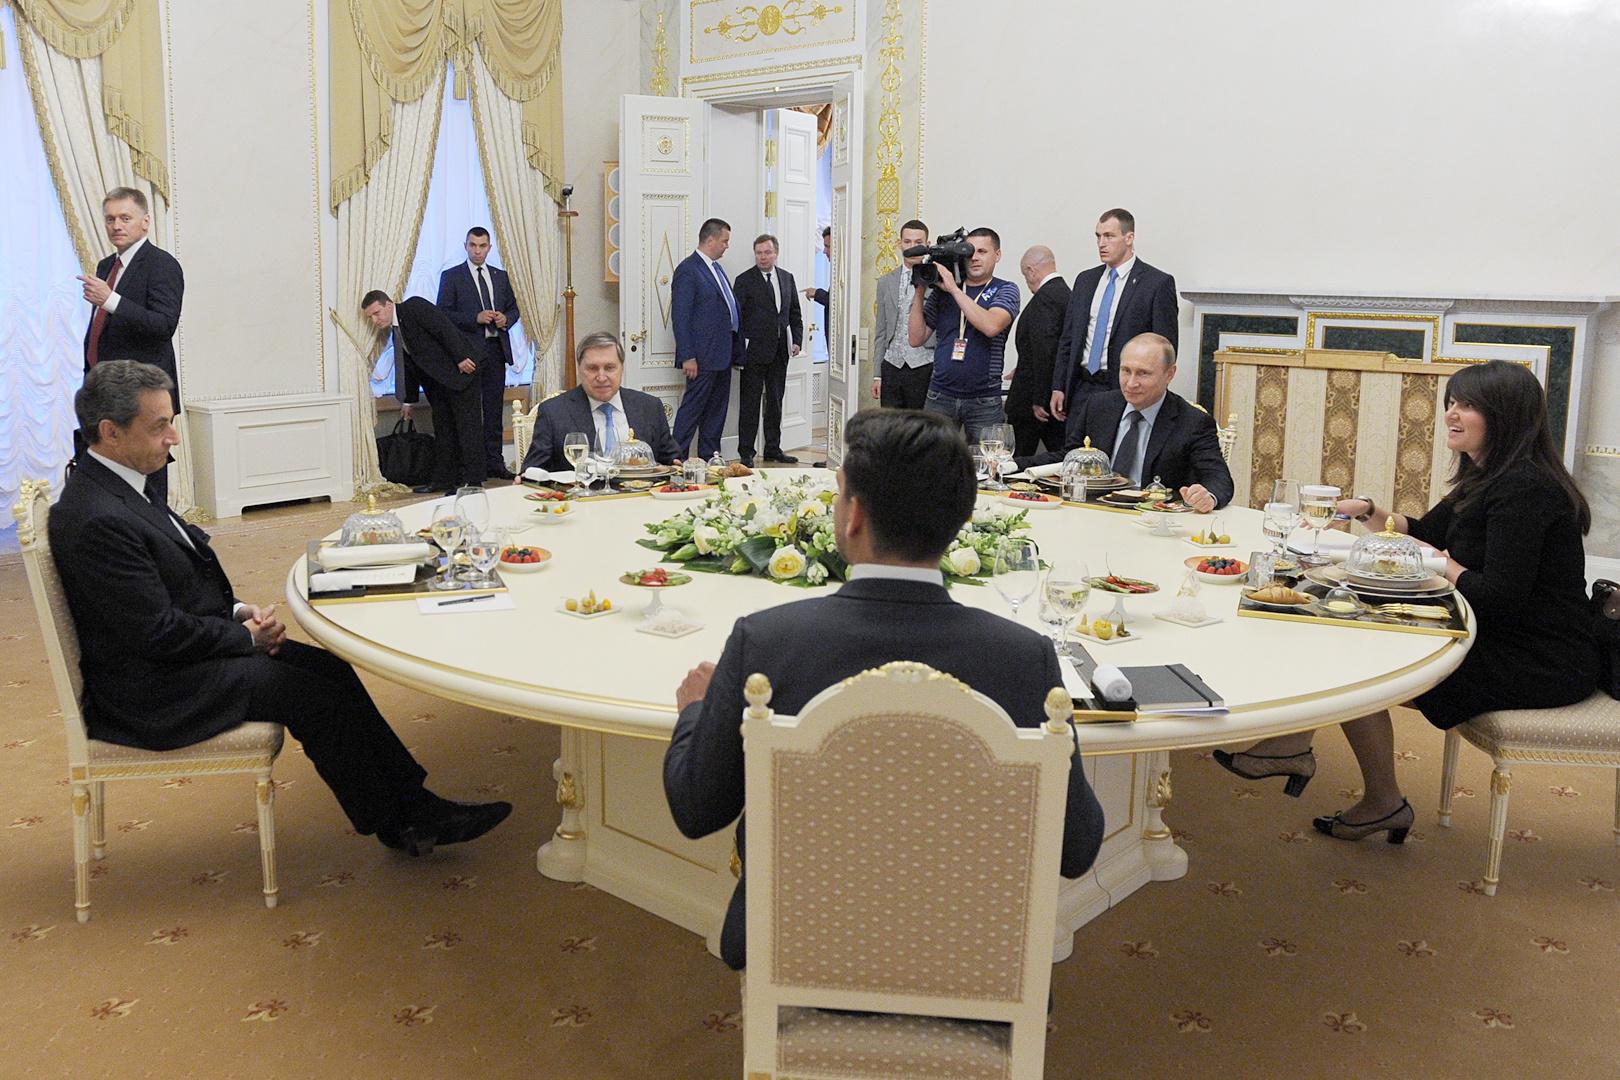 Неформальный ужин с Николя Саркози был прелюдией к началу Питерского форума. Фото: Михаил КЛИМЕНТЬЕВ/ТАСС